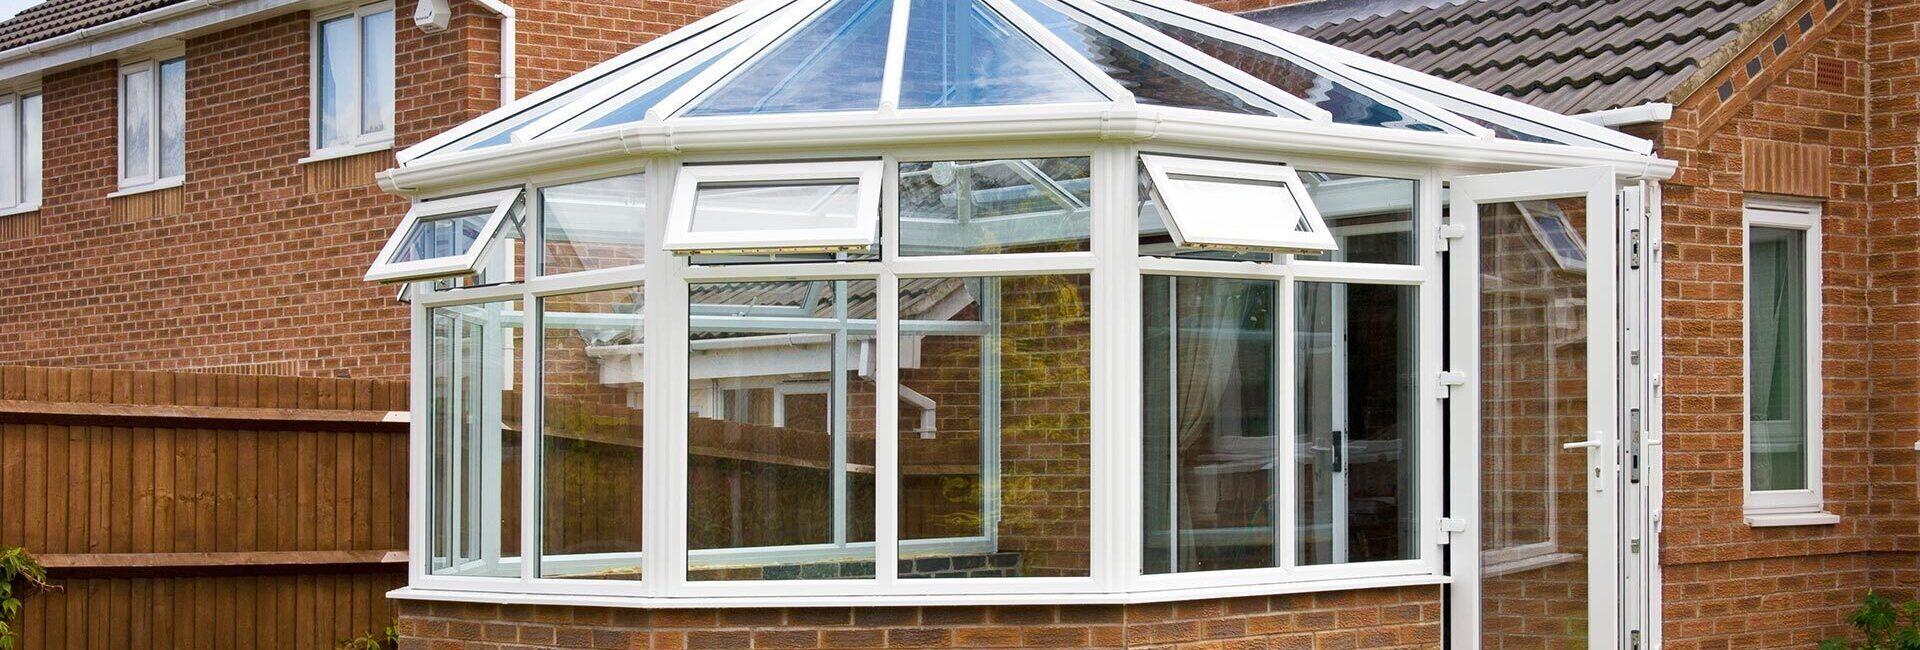 window film manchester